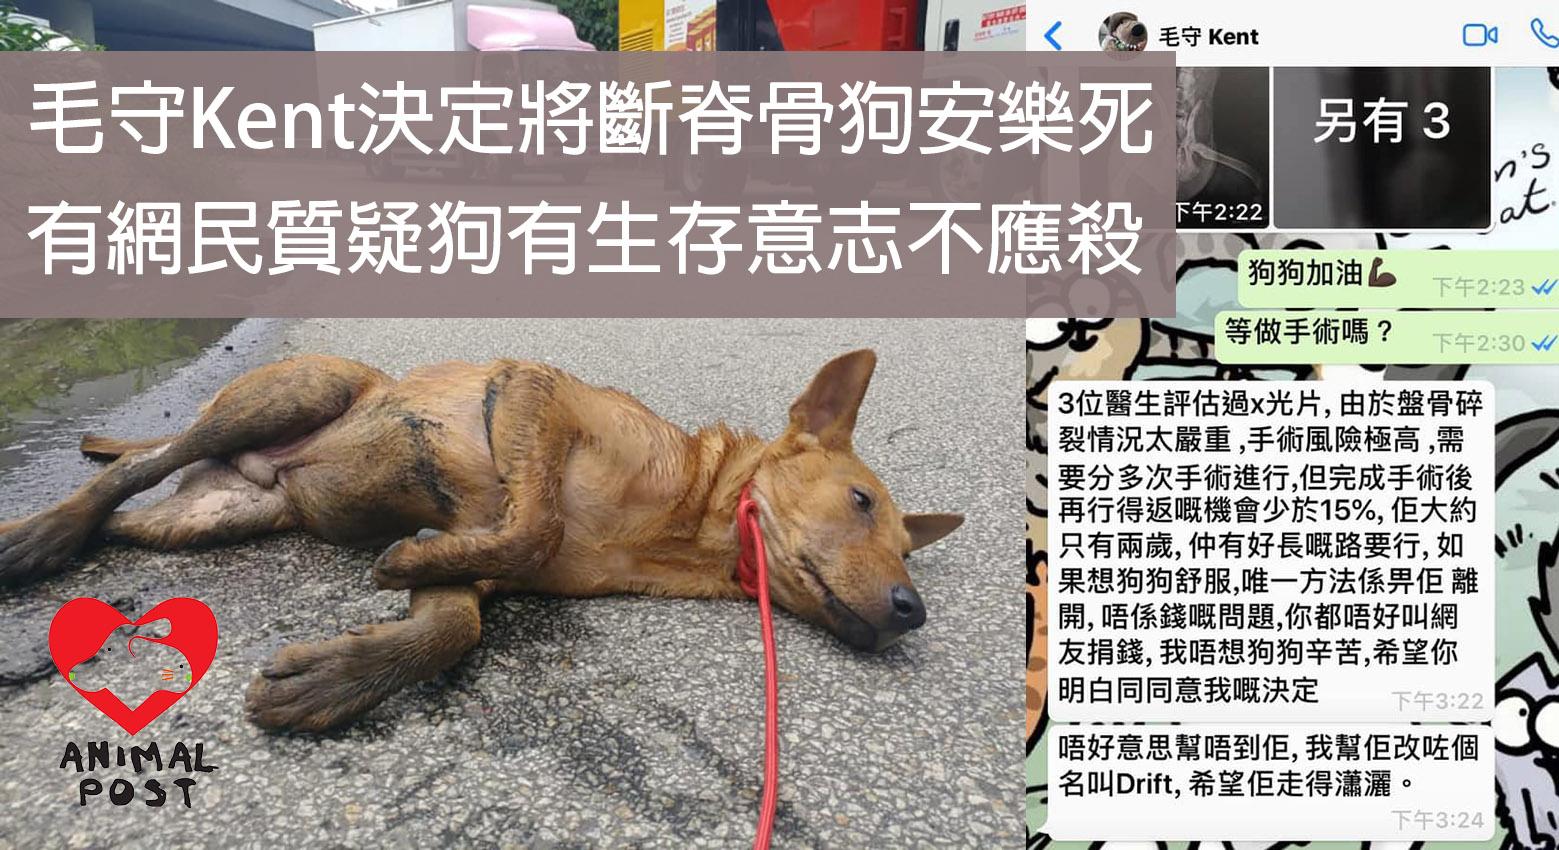 毛守Kent決定將斷脊骨兩歲狗安樂死 網民質疑狗有生存意志不應殺   香港動物報 Hong Kong Animal Post